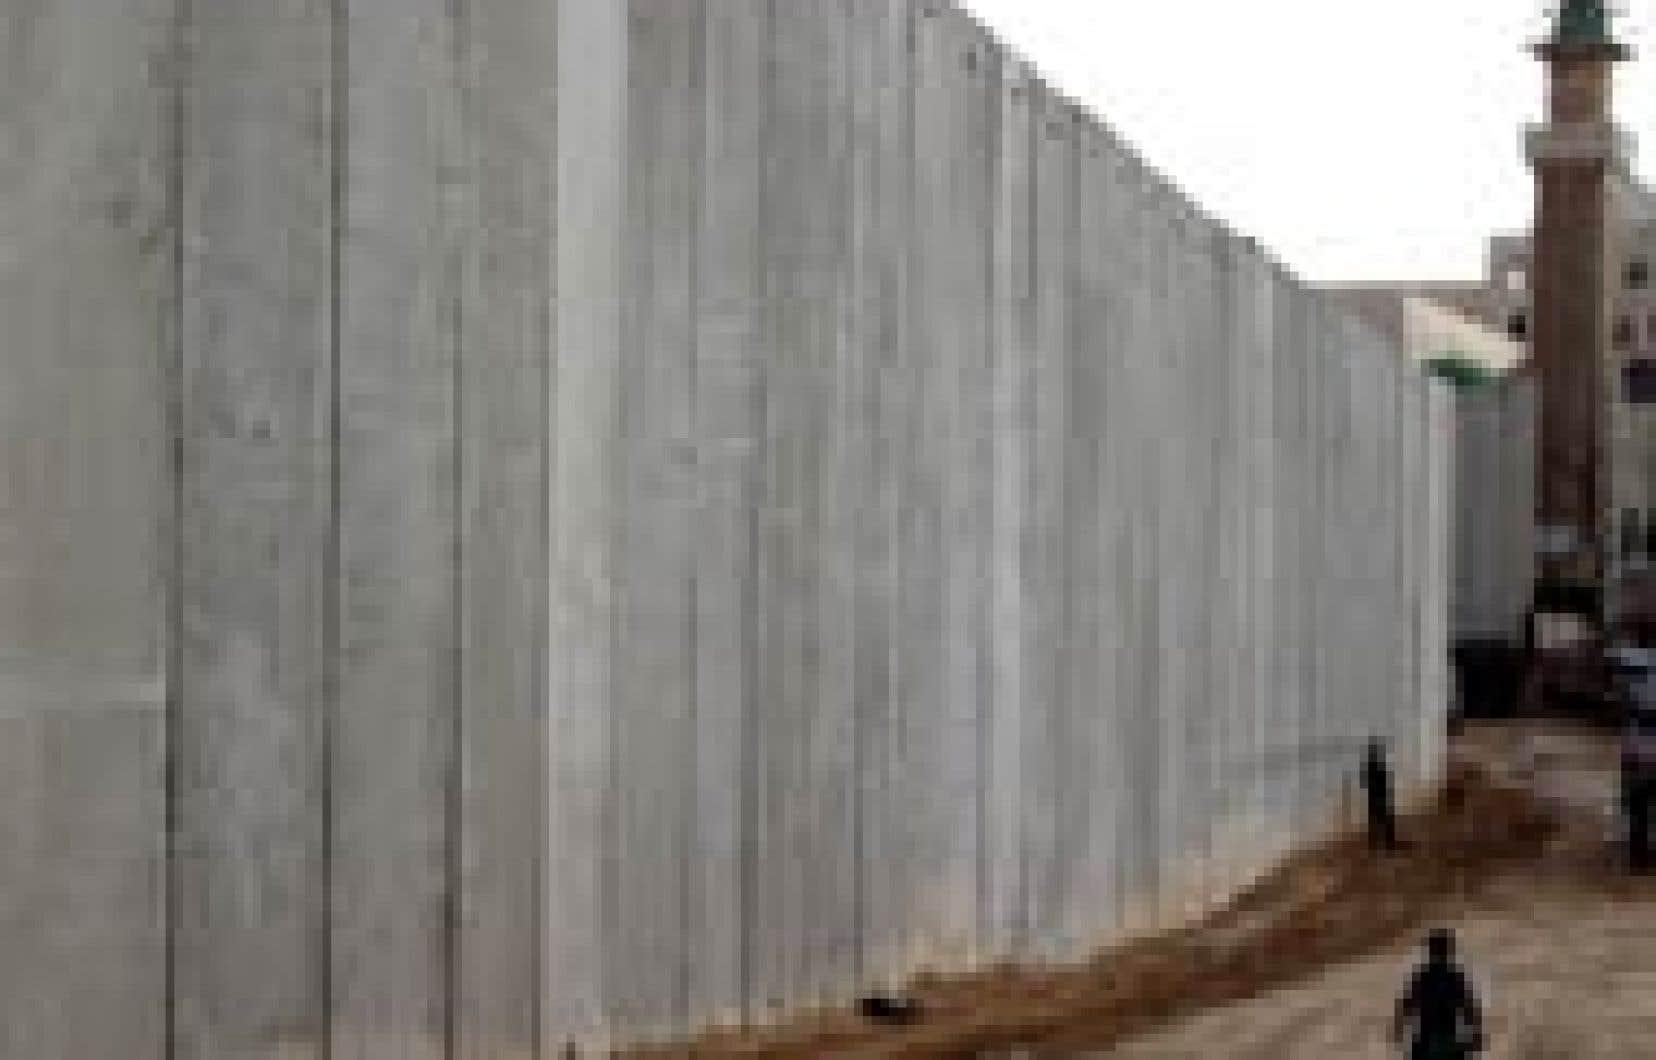 Israël justifie sa «clôture de sécurité» de 150 km faite de parois de béton, de barbelés et de tranchées, par la nécessité de barrer la route aux kamikazes palestiniens dont les attentats ont causé la mort de plus de 400 Israéliens ces trois